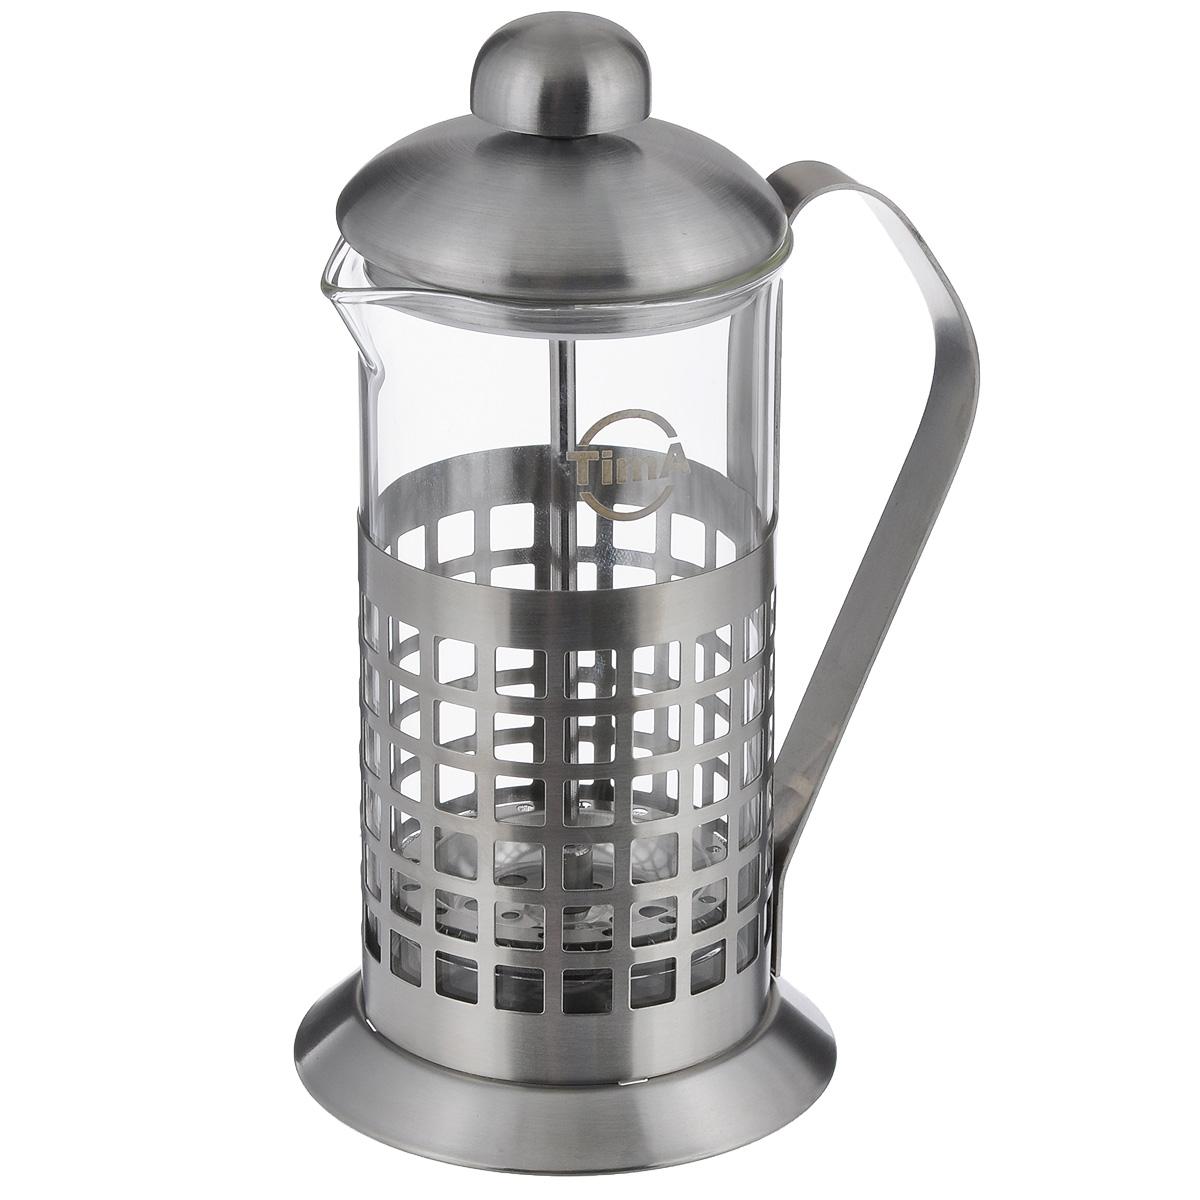 Чайник заварочный TimA Бисквит, 350 мл68/5/3Чайник заварочный TimA Бисквит выполнен в виде френч-пресса и представляет собой гибрид заварочного чайника и кофейника. Колба выполнена из жаропрочного стекла, корпус, крышка и поршень изготовлены из нержавеющей стали. Изделие легко разбирается и моется. Прозрачные стенки чайника дают возможность наблюдать за насыщением напитка, а поршень позволяет с легкостью отжать самый сок от заварки и получить напиток с насыщенным вкусом. Заварочный чайник - постоянно используемый предмет посуды, который необходим на каждой кухне. Френч-пресс TimA Бисквит займет достойное место среди аксессуаров на вашей кухне. Можно мыть в посудомоечной машине. Диаметр (по верхнему краю): 7 см. Высота чайника: 18,5 см.Объем: 350 мл.